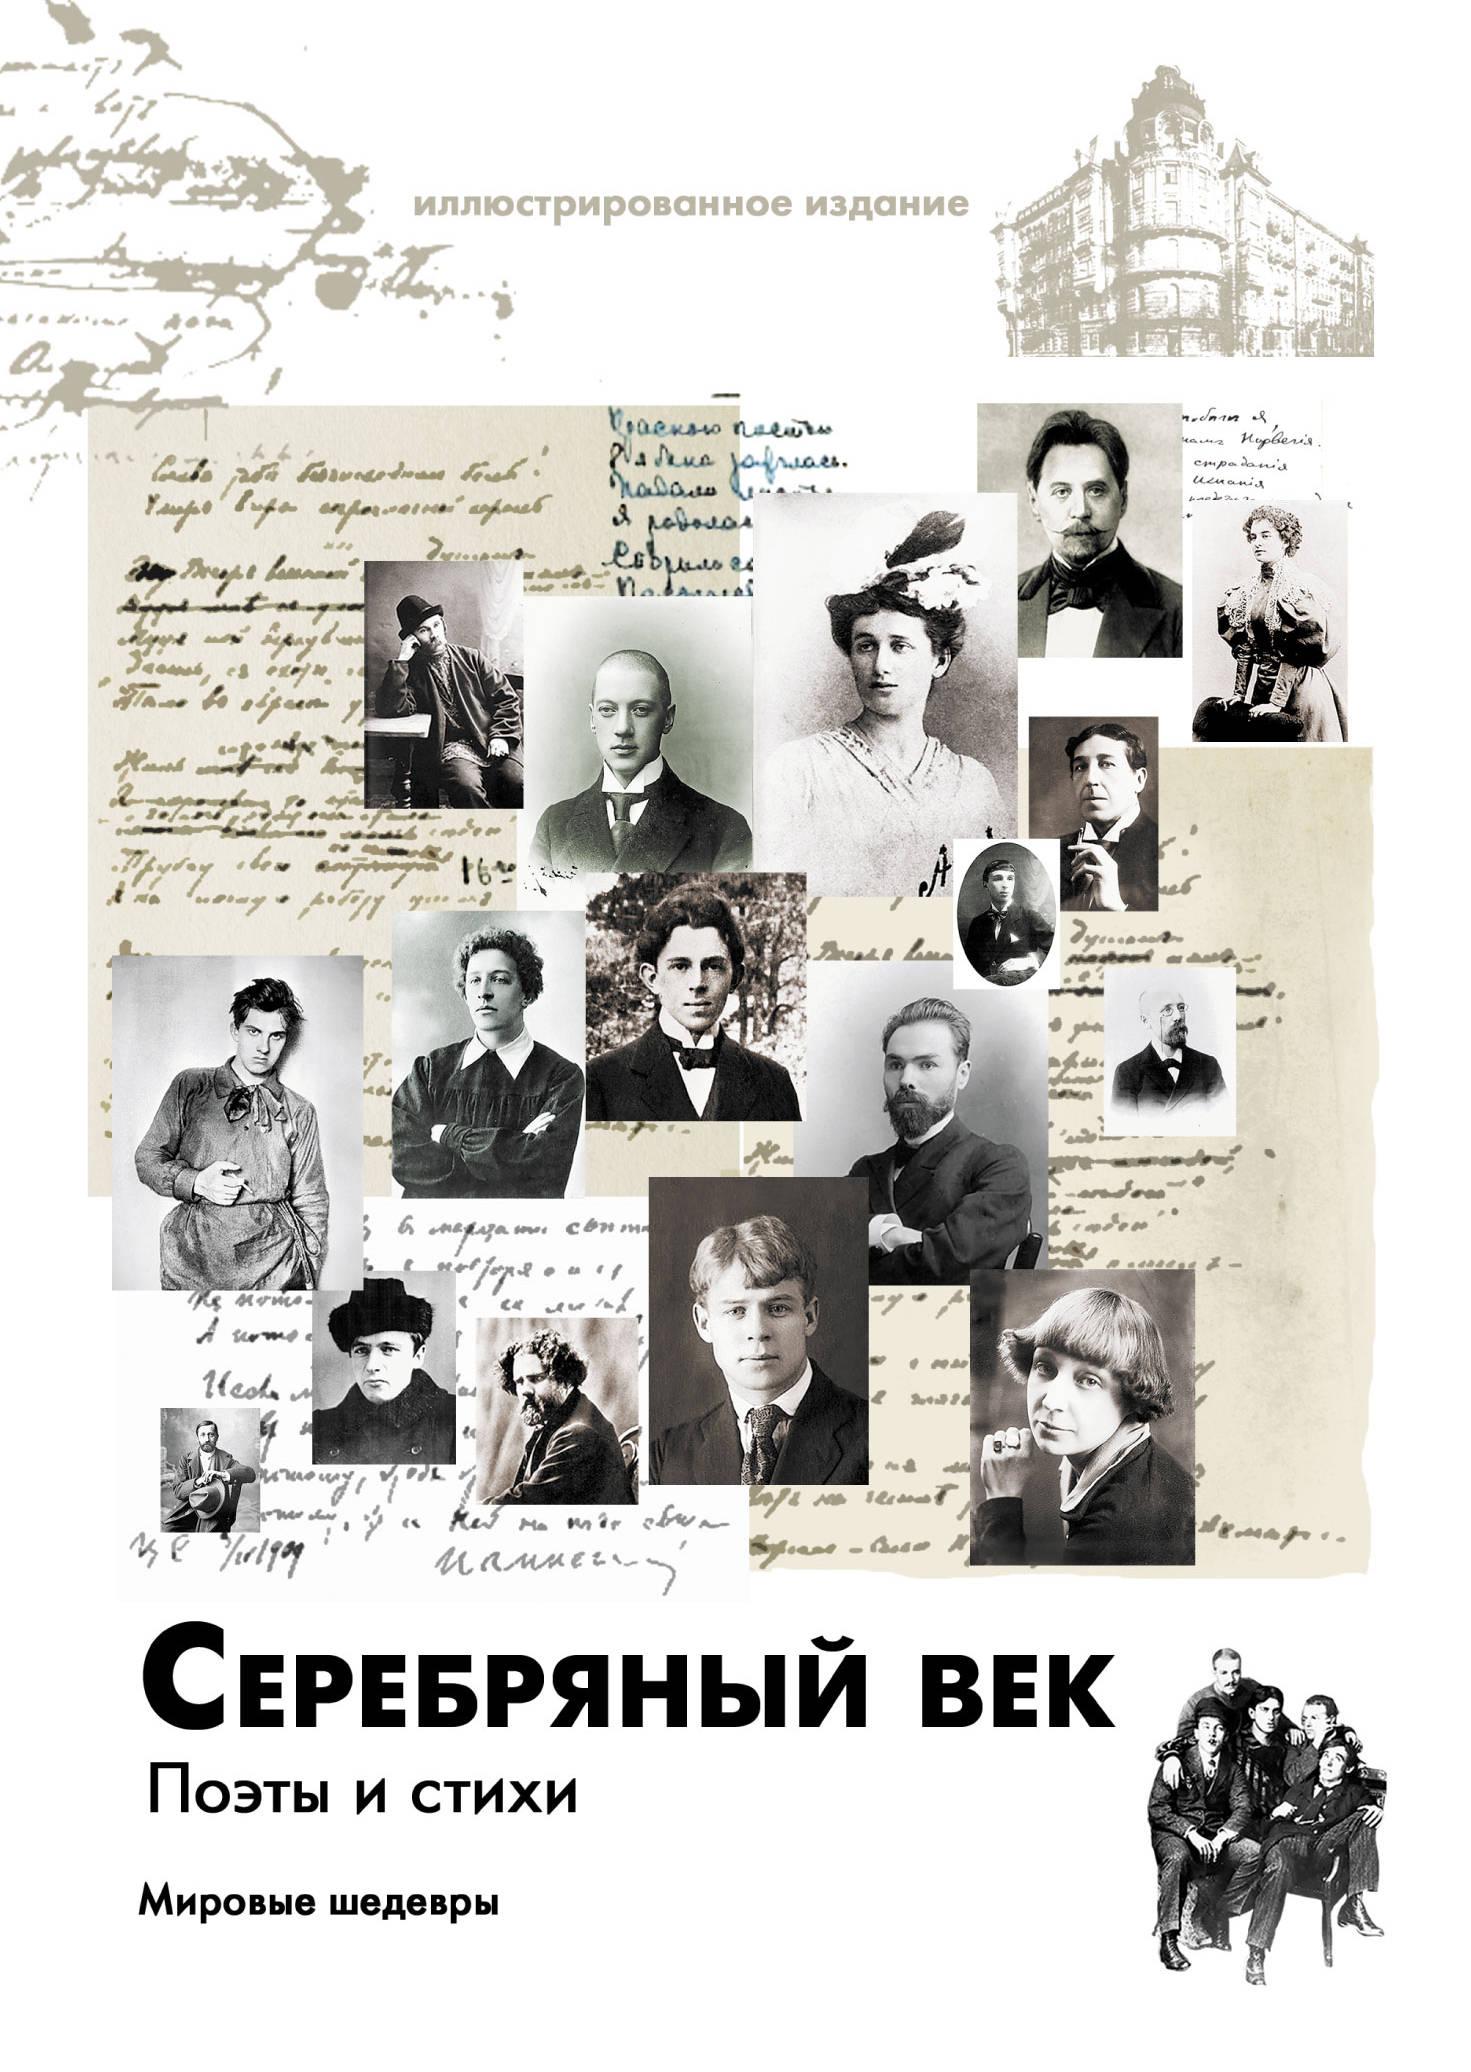 З. Н. Гиппиус,А. А. Ахматова,С. А. Есенин Серебряный век. Поэты и стихи